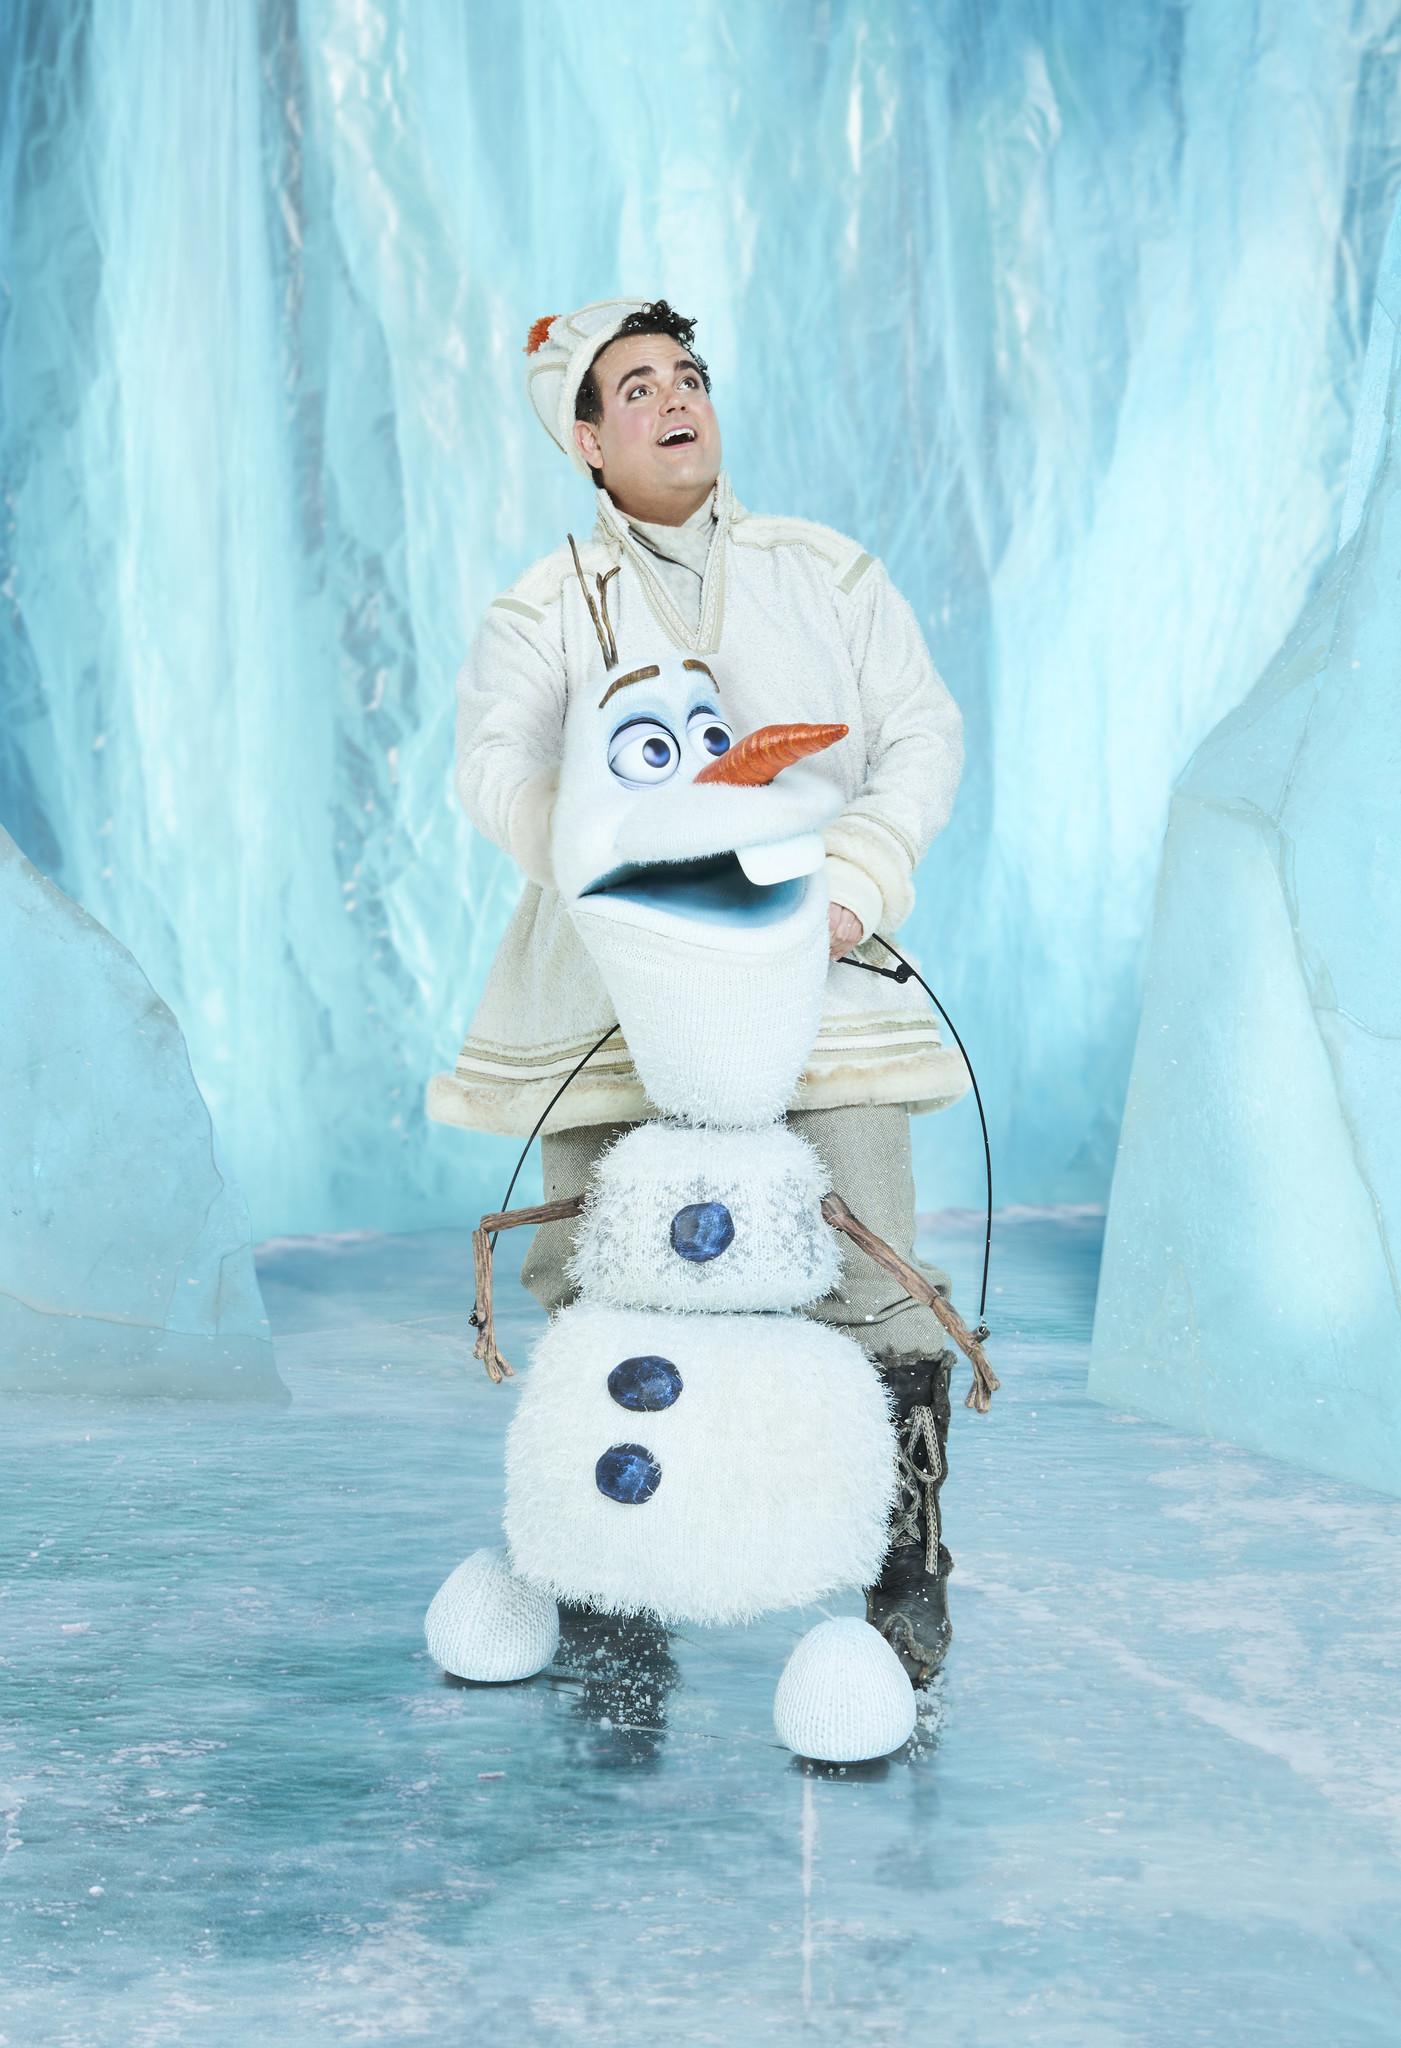 Greg Hildreth as Olaf in